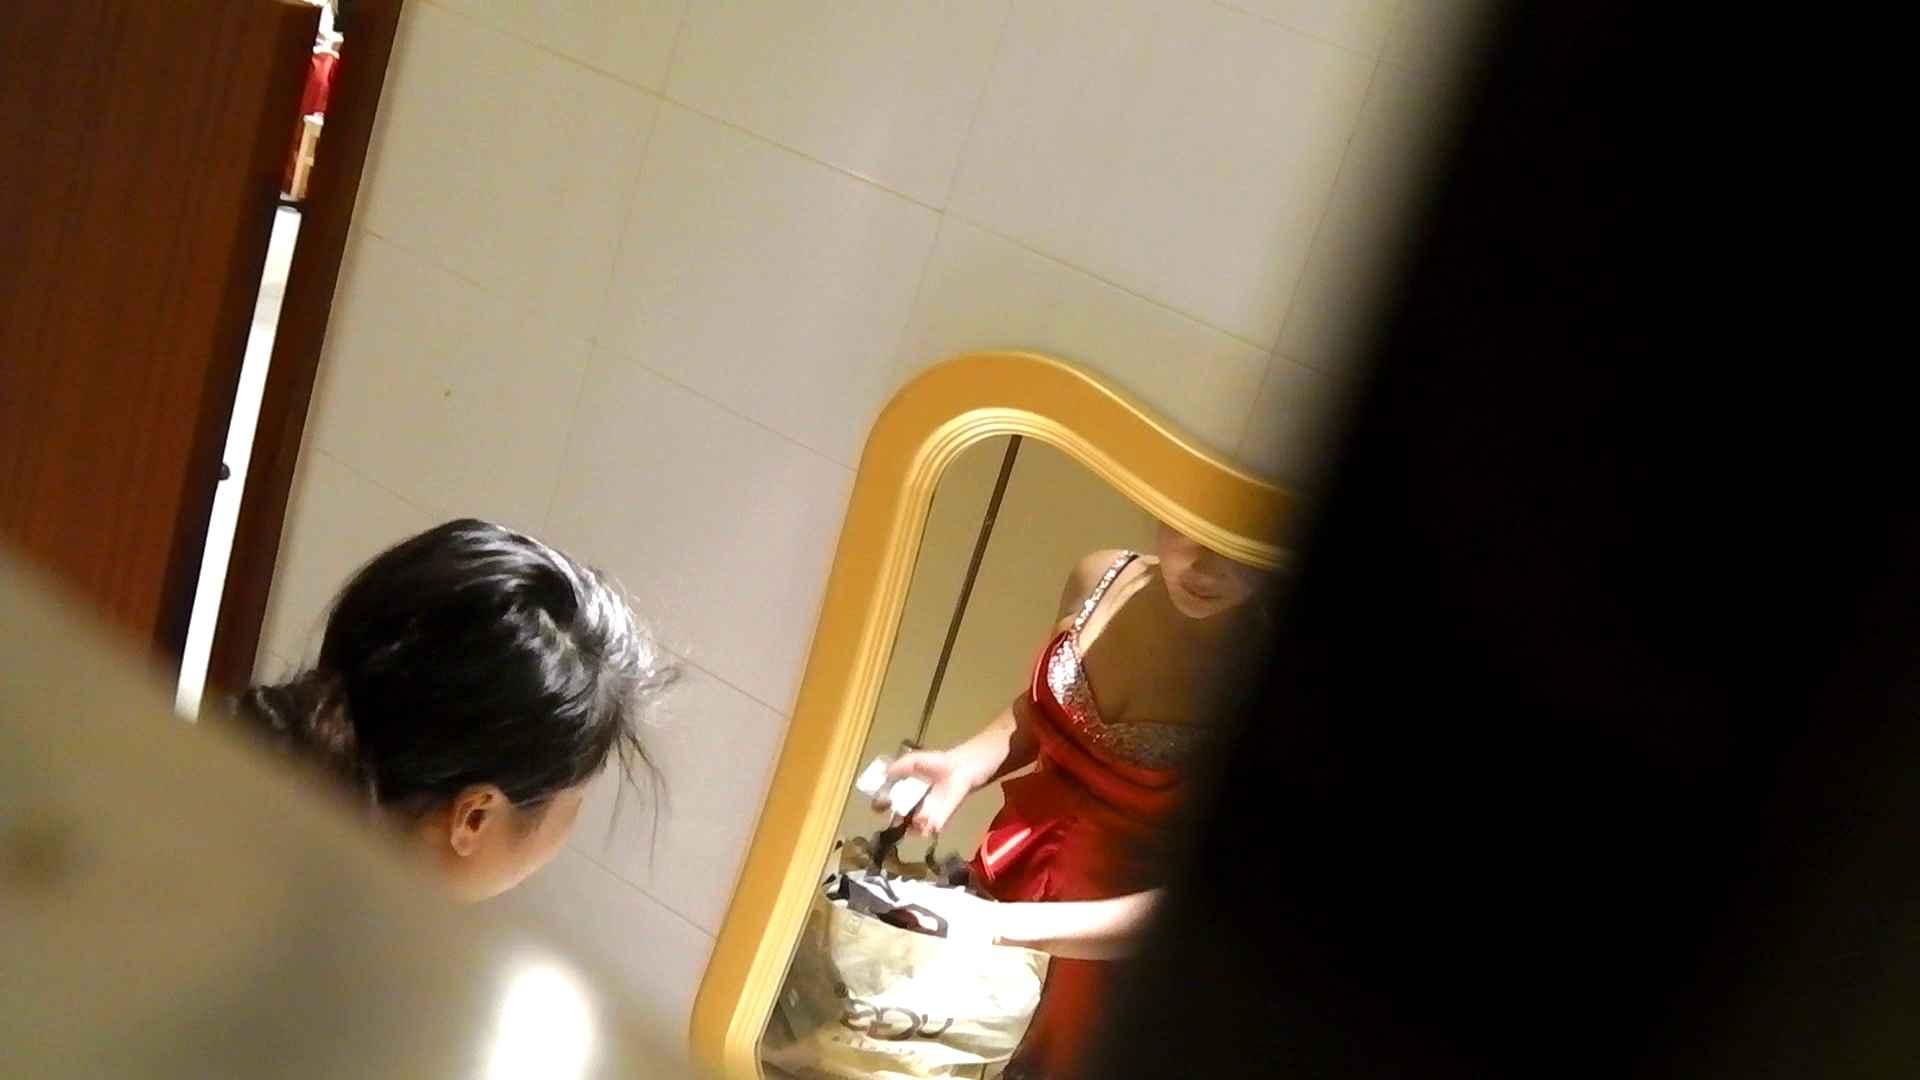 洗寿観音さんの 化粧室は四面楚歌Nol.5 洗面所   エッチなOL  108枚 57